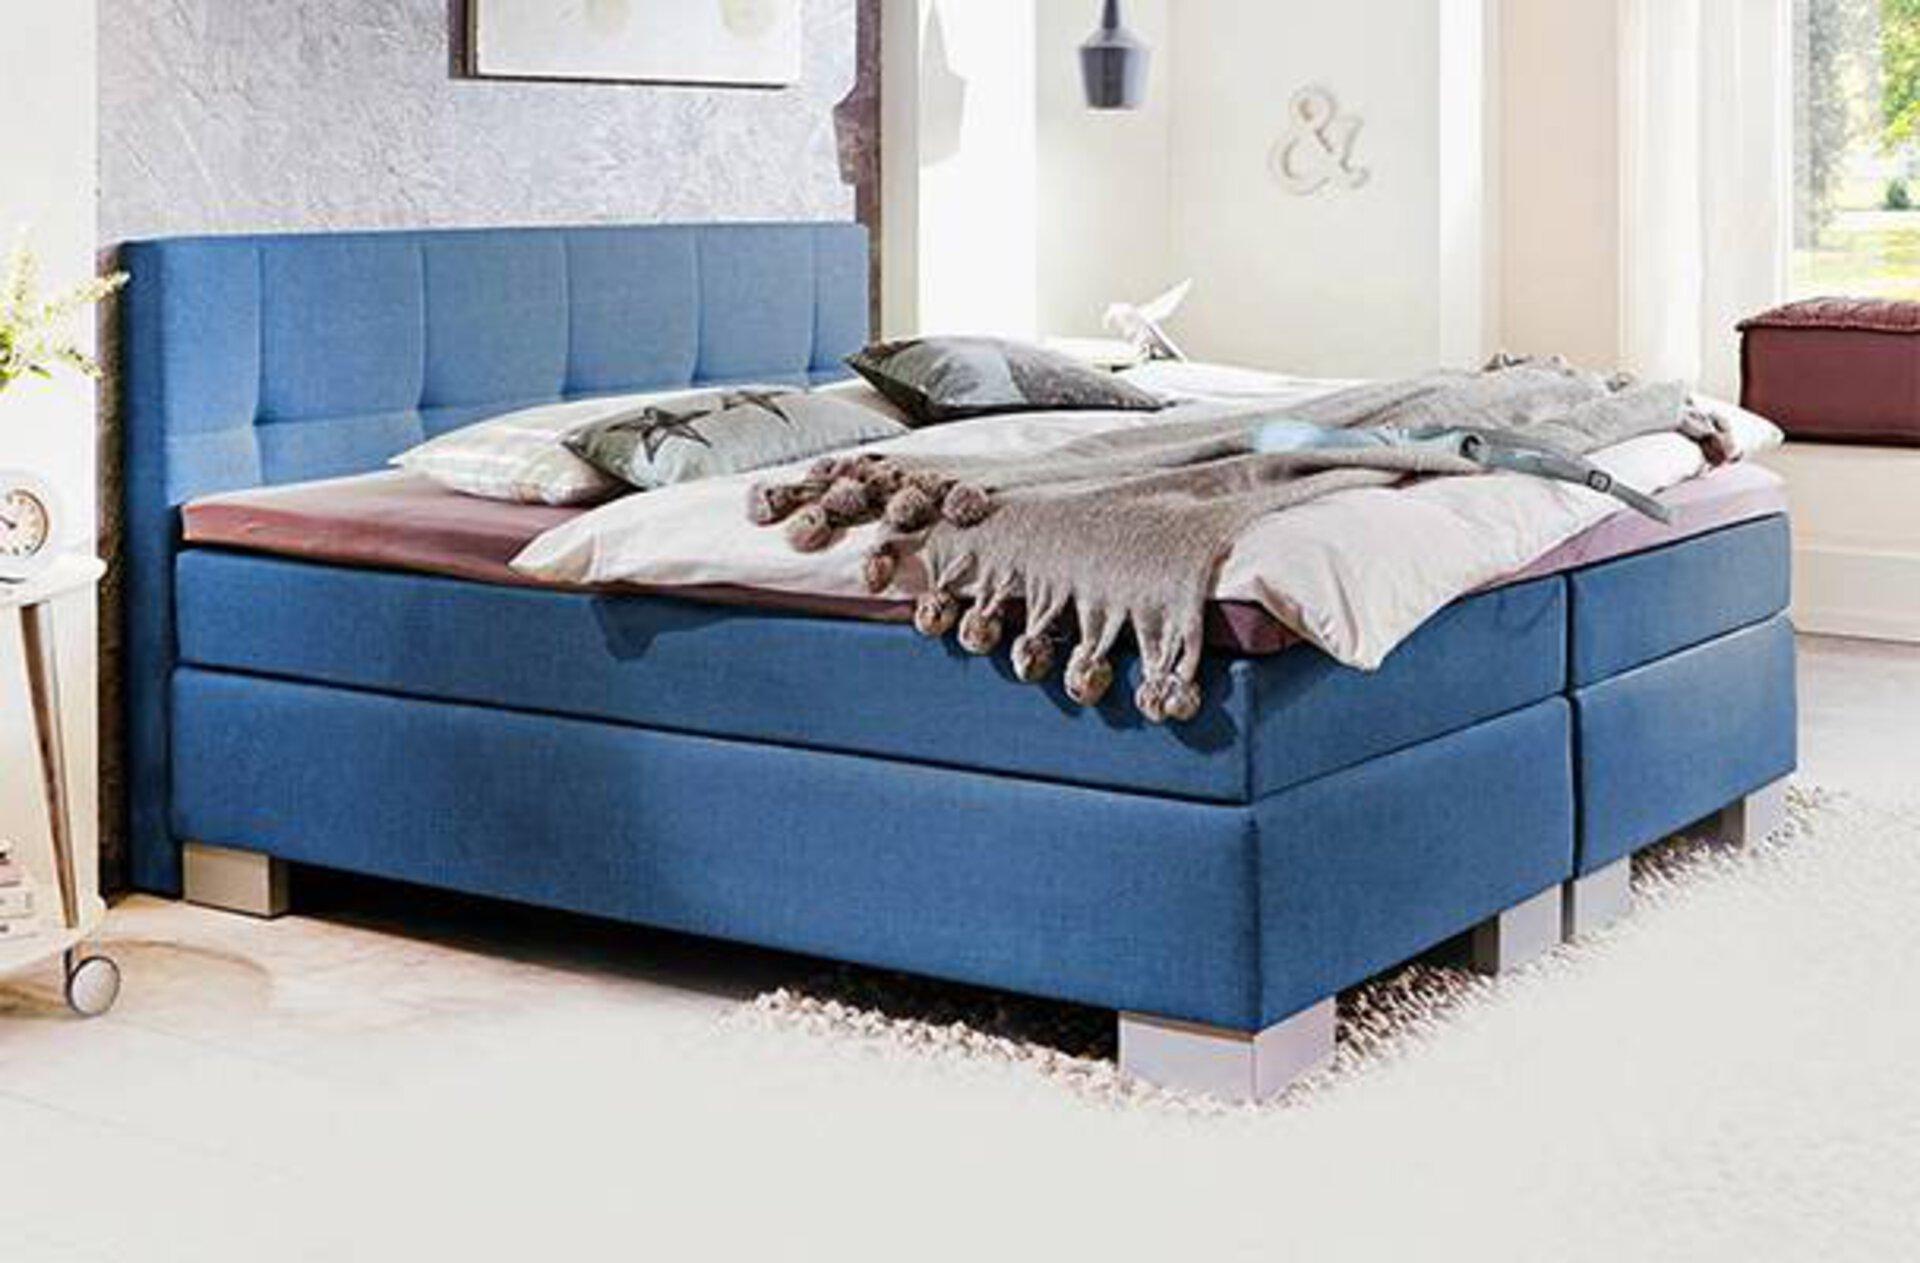 """Boxspringbett mit Doppelmatratze und blauem Bezugsstoff als erstes Bannerbild für den Inspirationsbereich """"Boxspringbett""""."""